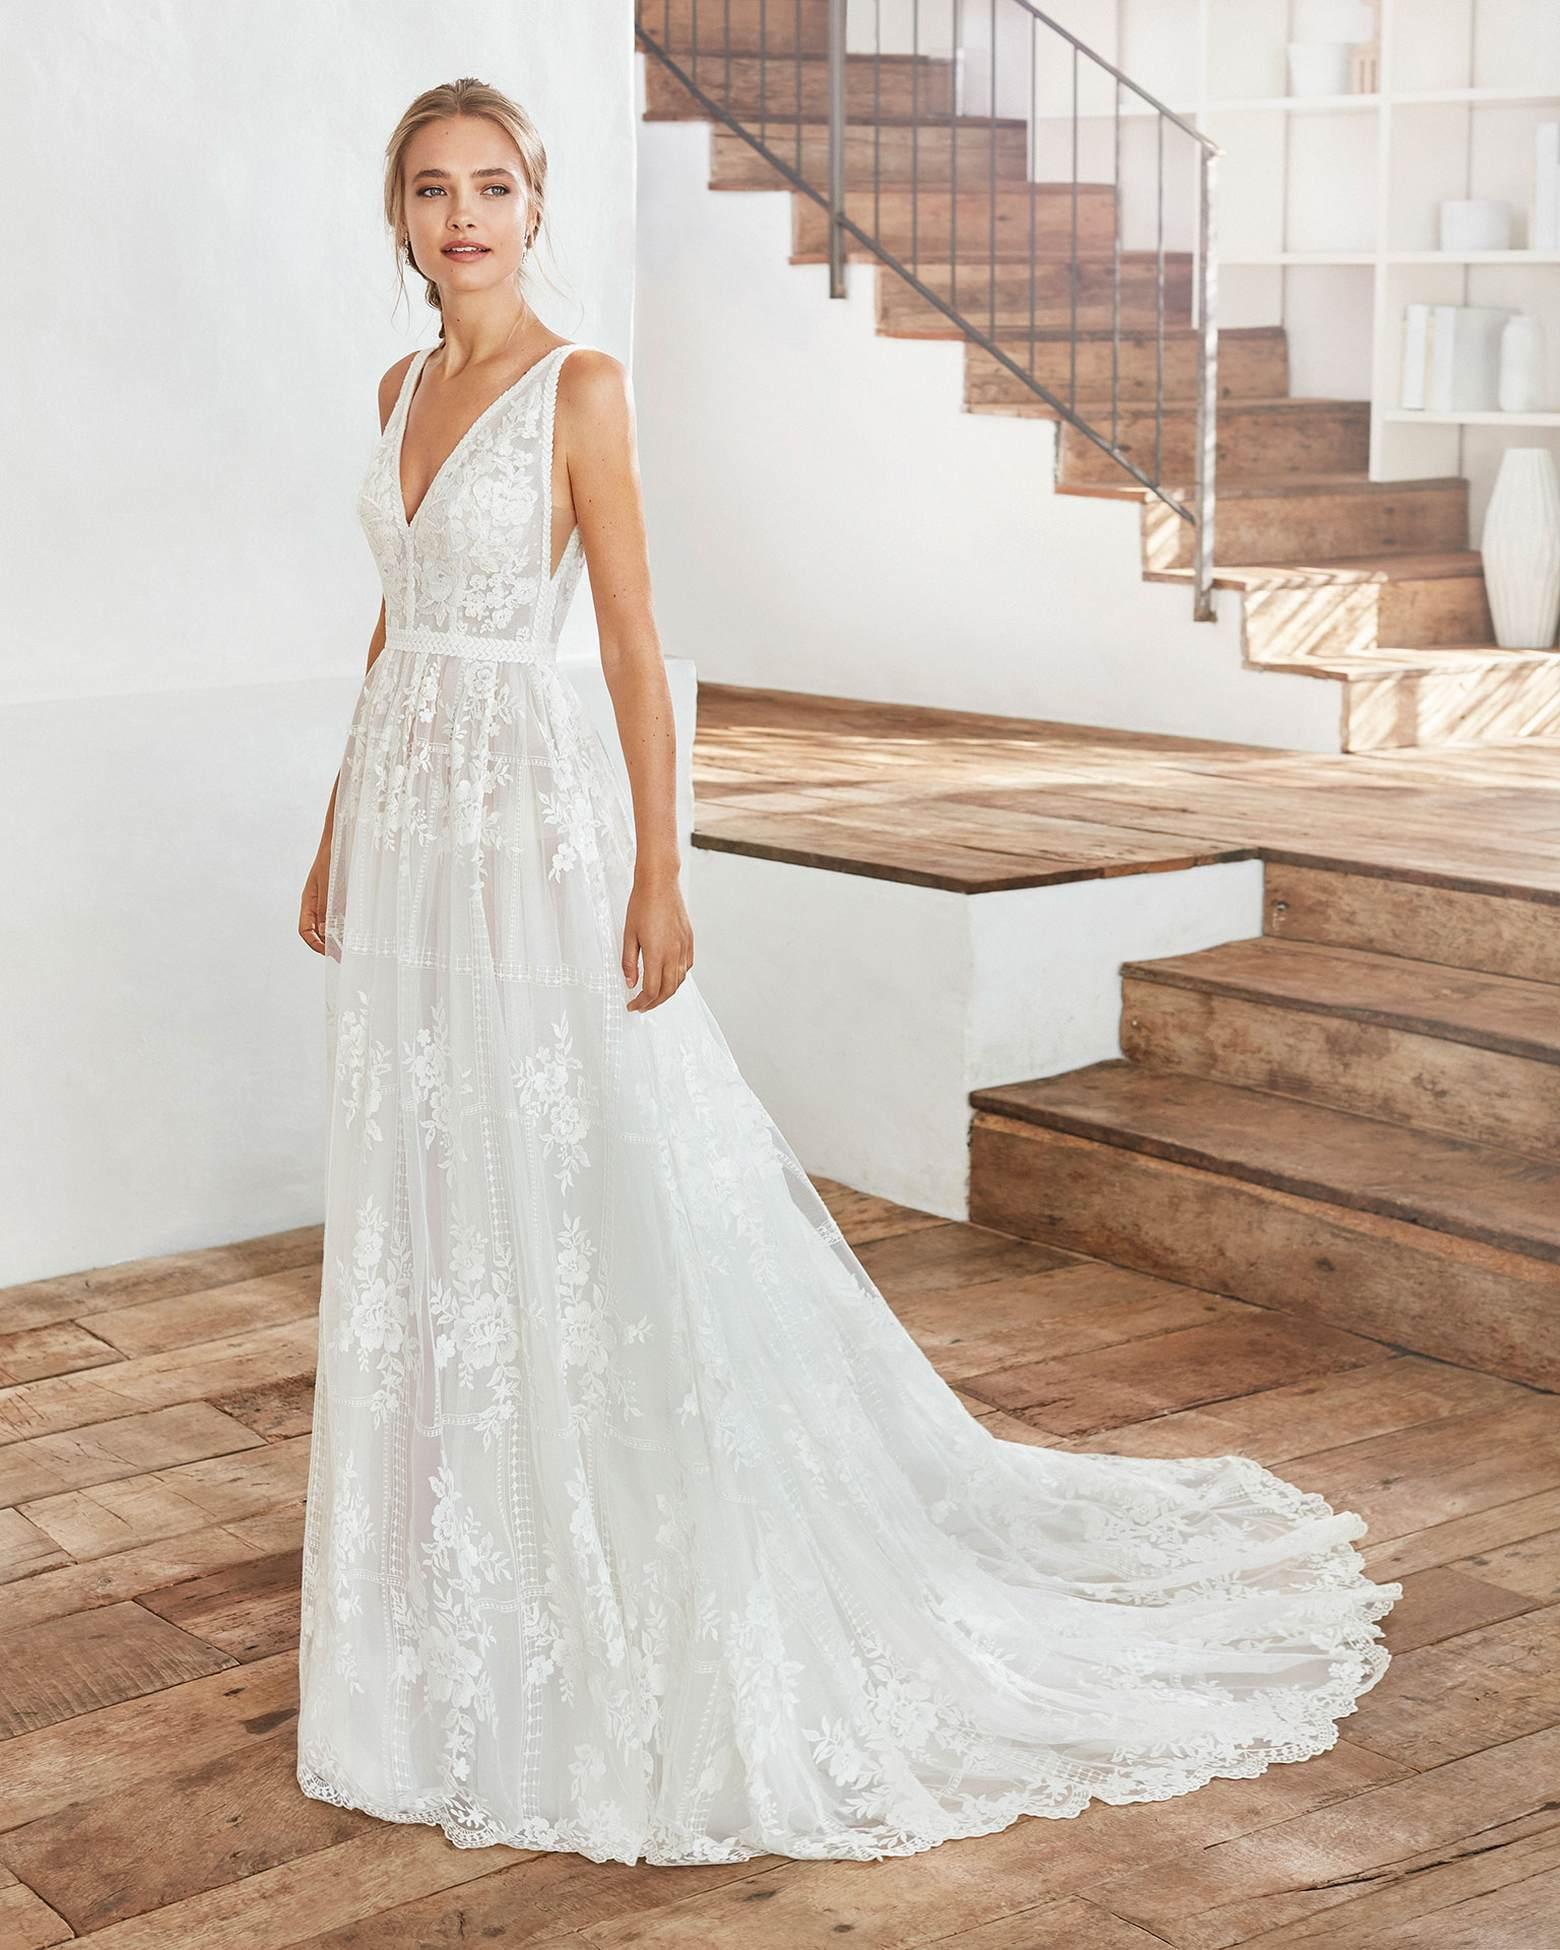 Camilia menyasszonyi ruha - Rosa Clará 2021